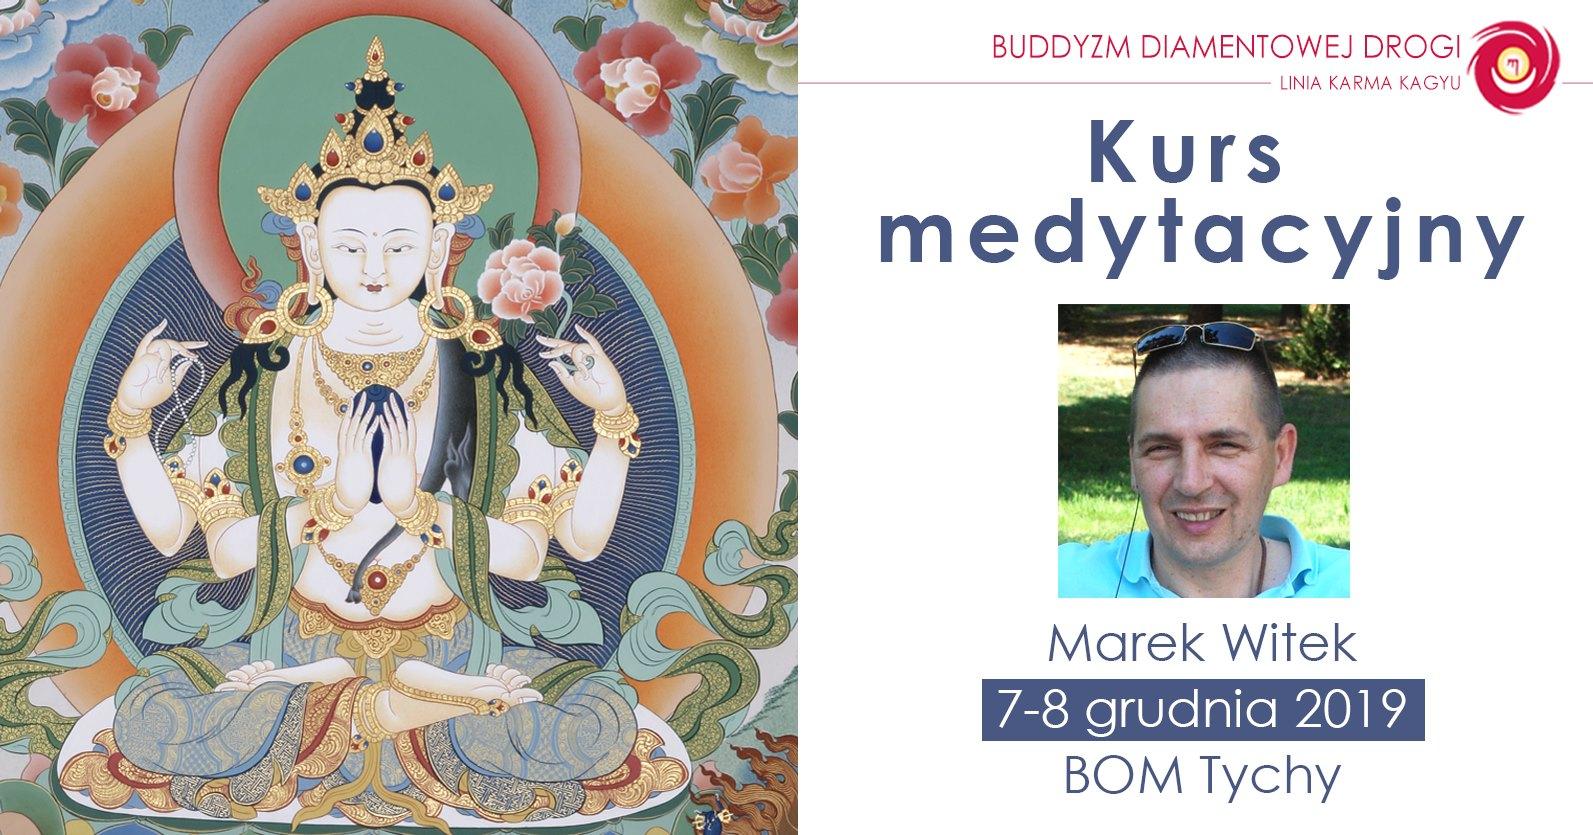 Kurs medytacyjny z Markiem Witkiem